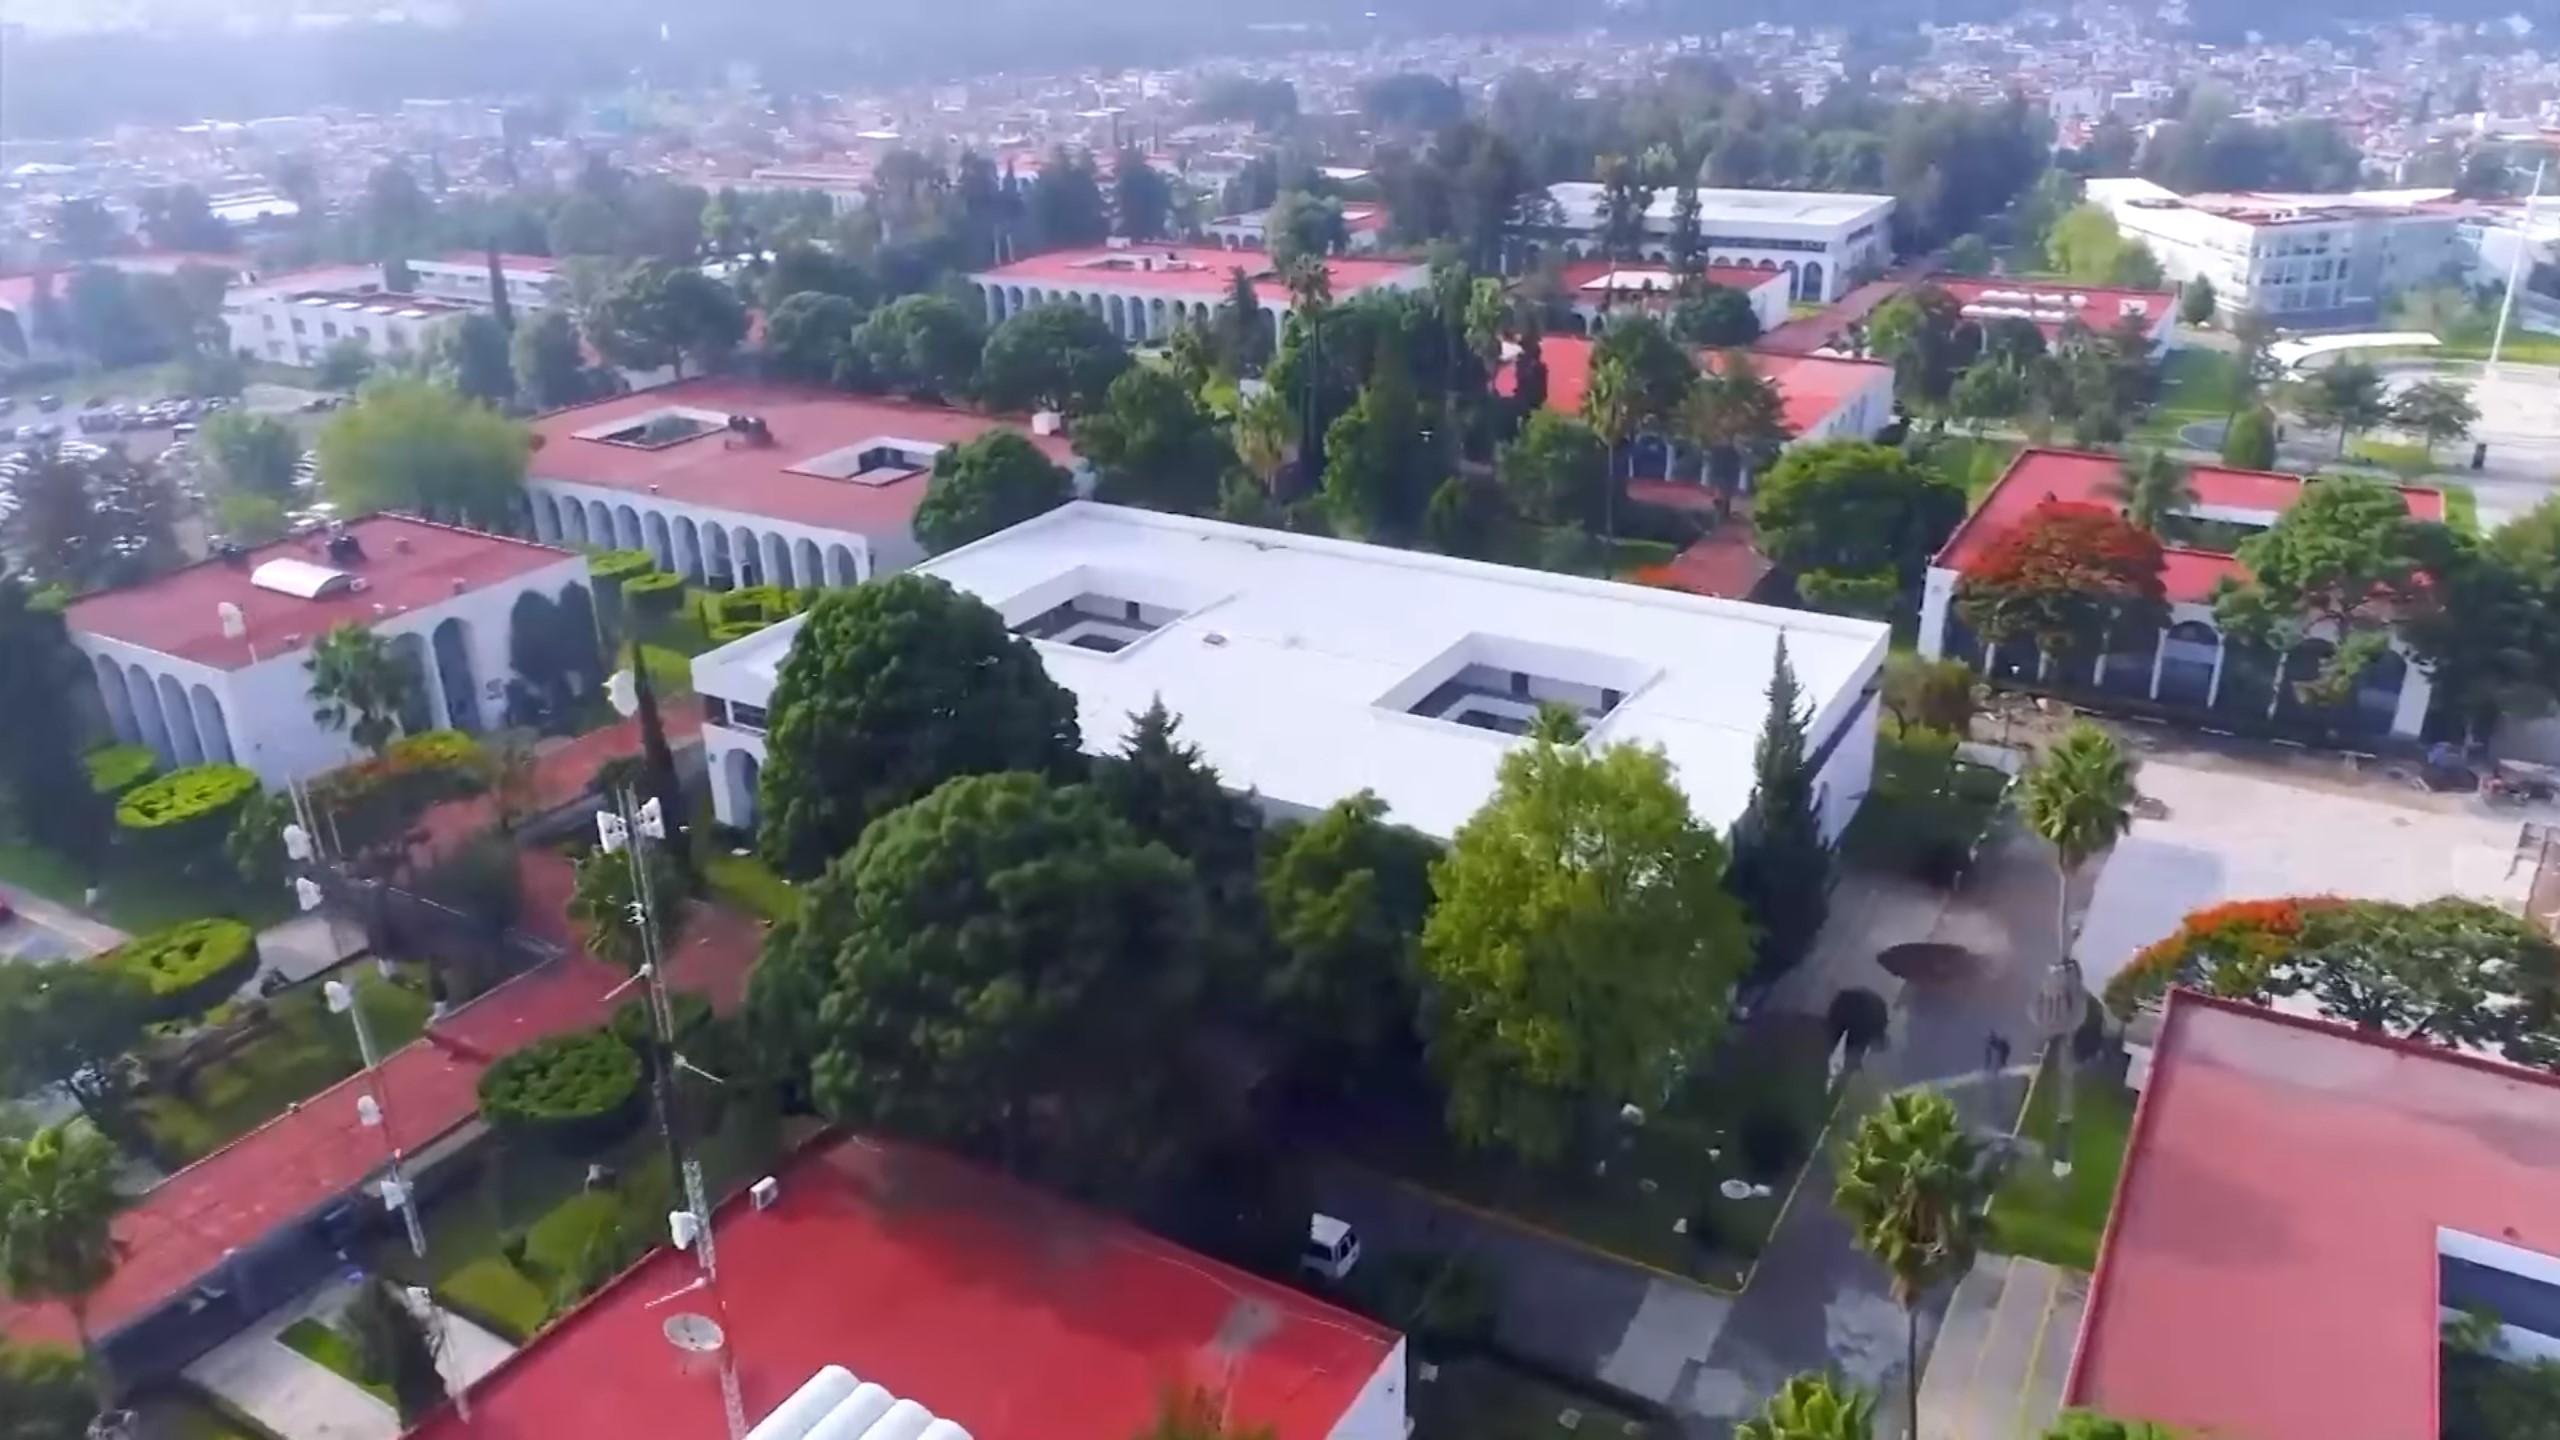 Facultad de Ingeniería Civil   Ciudad Universitaria   UMSNH   Moerlia, Michoacán, México